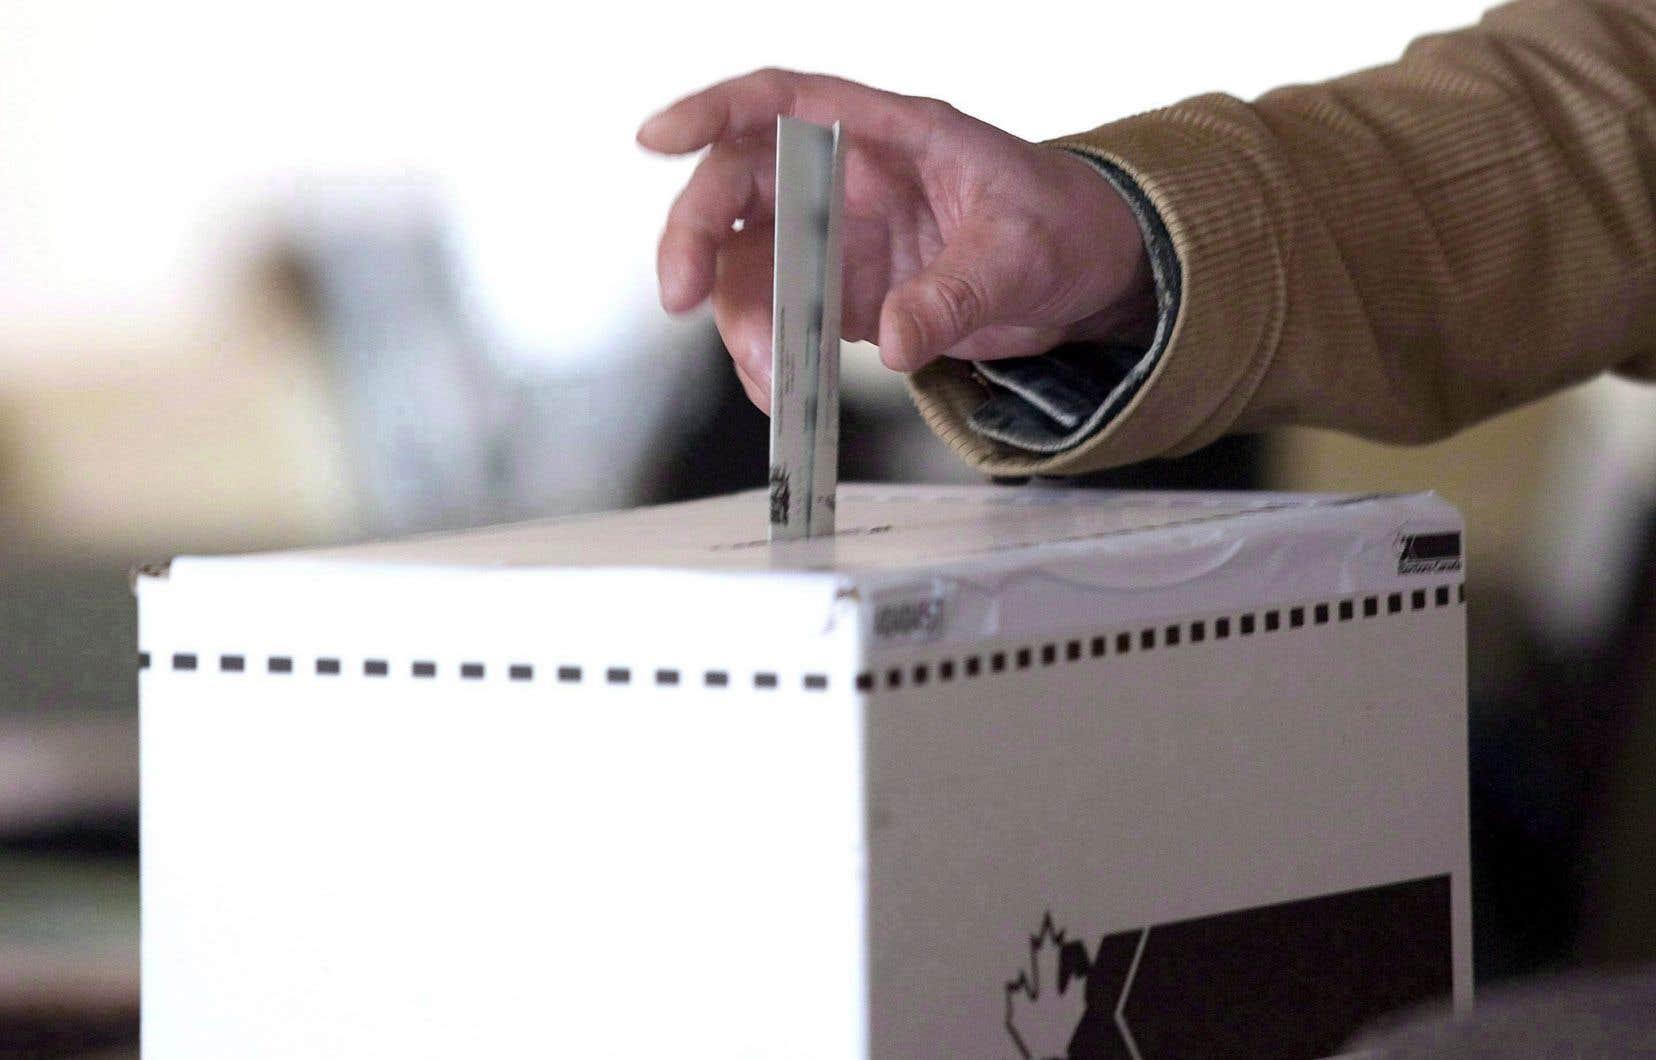 «Le droit de vote est fondamental en démocratie. Cessons d'invoquer des prétextes pour le nier aux Canadiens résidant à l'étranger», conclut l'auteur.